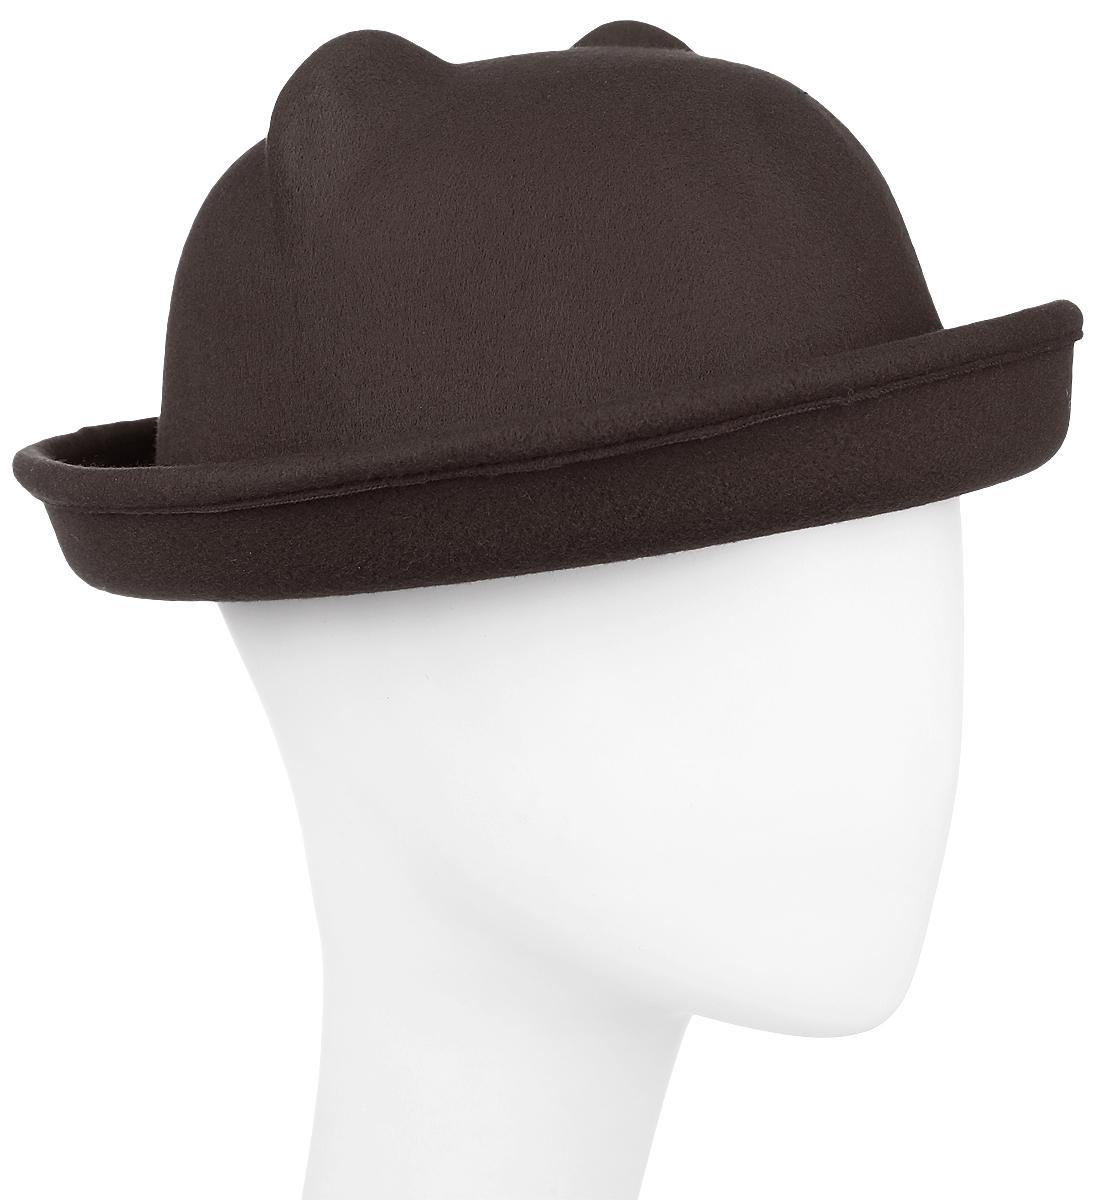 Шляпа женская Kawaii Factory, цвет: коричневый. KW081-000266. Размер: 57KW081-000266Шляпа женская Kawaii Factory оформлена двумя ушками на макушке, имитирующими кошачьи. Шляпа имеет большой процент содержания шерсти. Добавление в состав полиэстера снижает риск деформации изделия. Шляпа имеет небольшие загнутые кверху поля. Уважаемые клиенты!Размер, доступный для заказа, является обхватом головы.